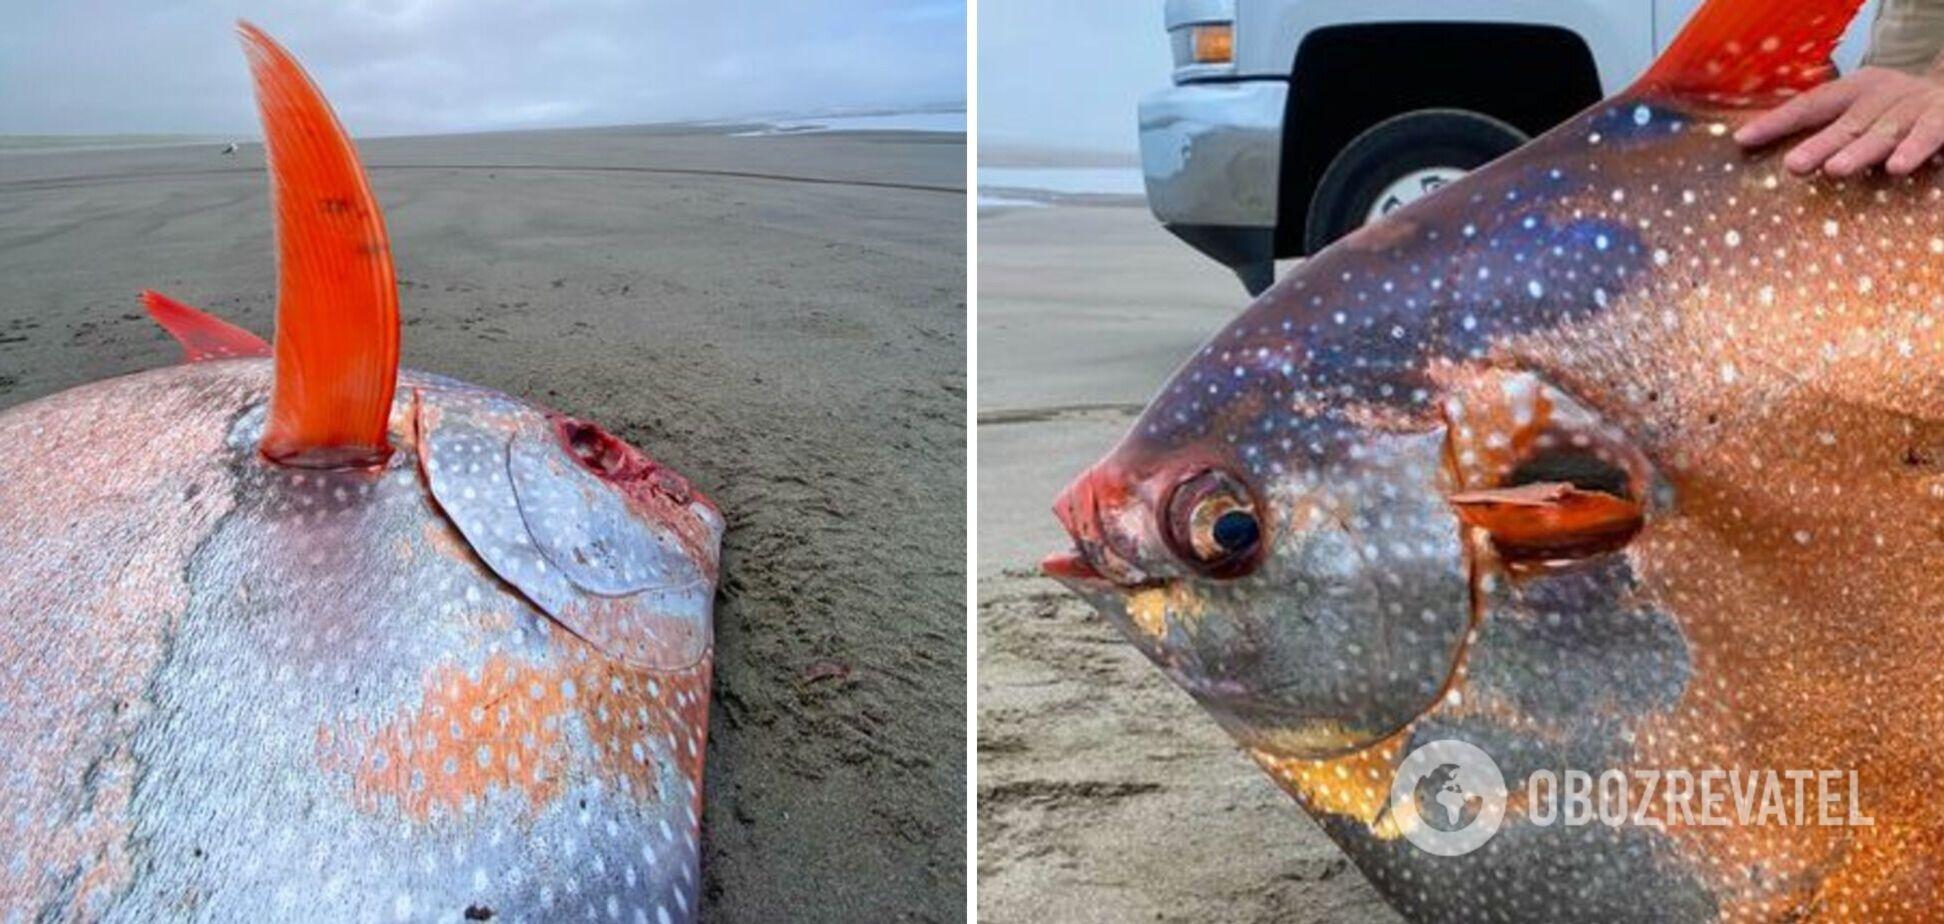 45-килограммовую рыбу необычного окраса нашли в США. Фото